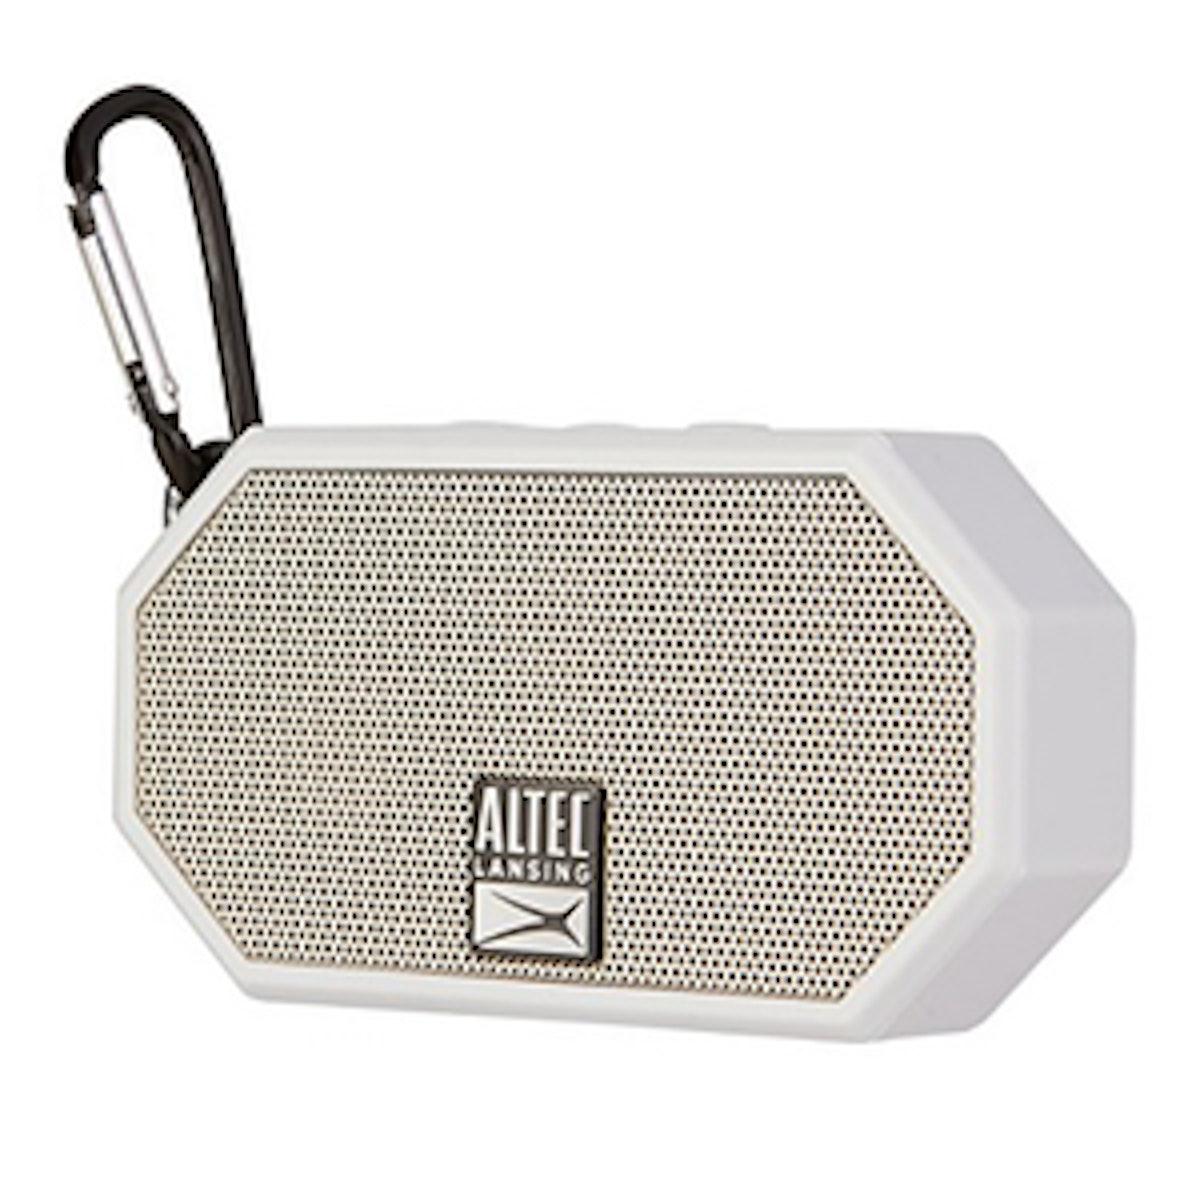 Mini H20 Waterproof, Sandproof, Snowproof and Shockproof Bluetooth Speaker